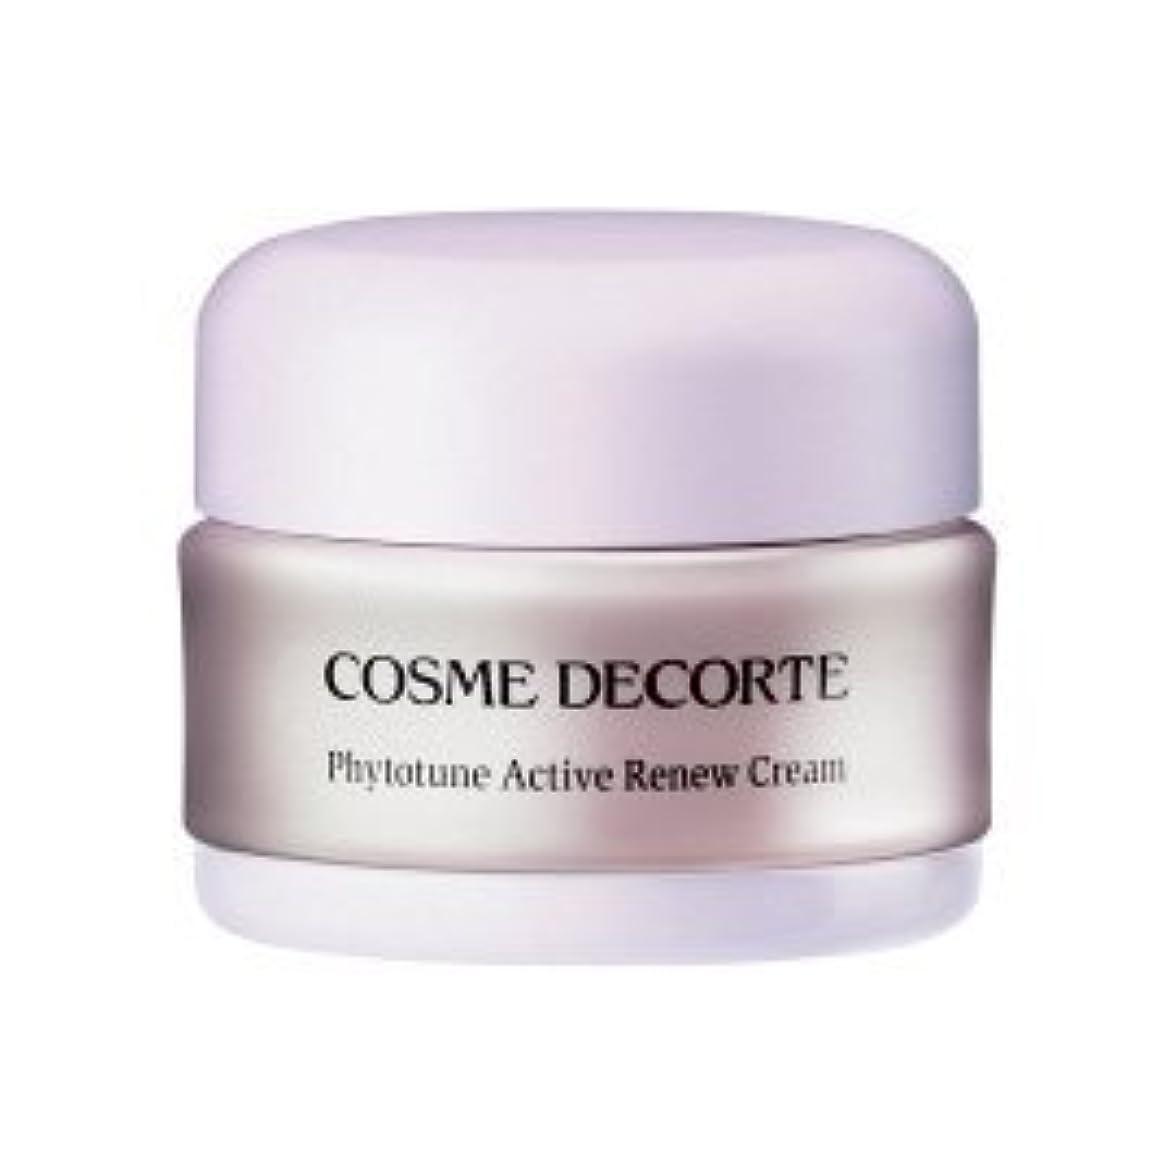 余計な複合ミットコスメ デコルテ(COSME DECORTE) フィトチューン アクティブ リニュー クリーム 30g [並行輸入品]